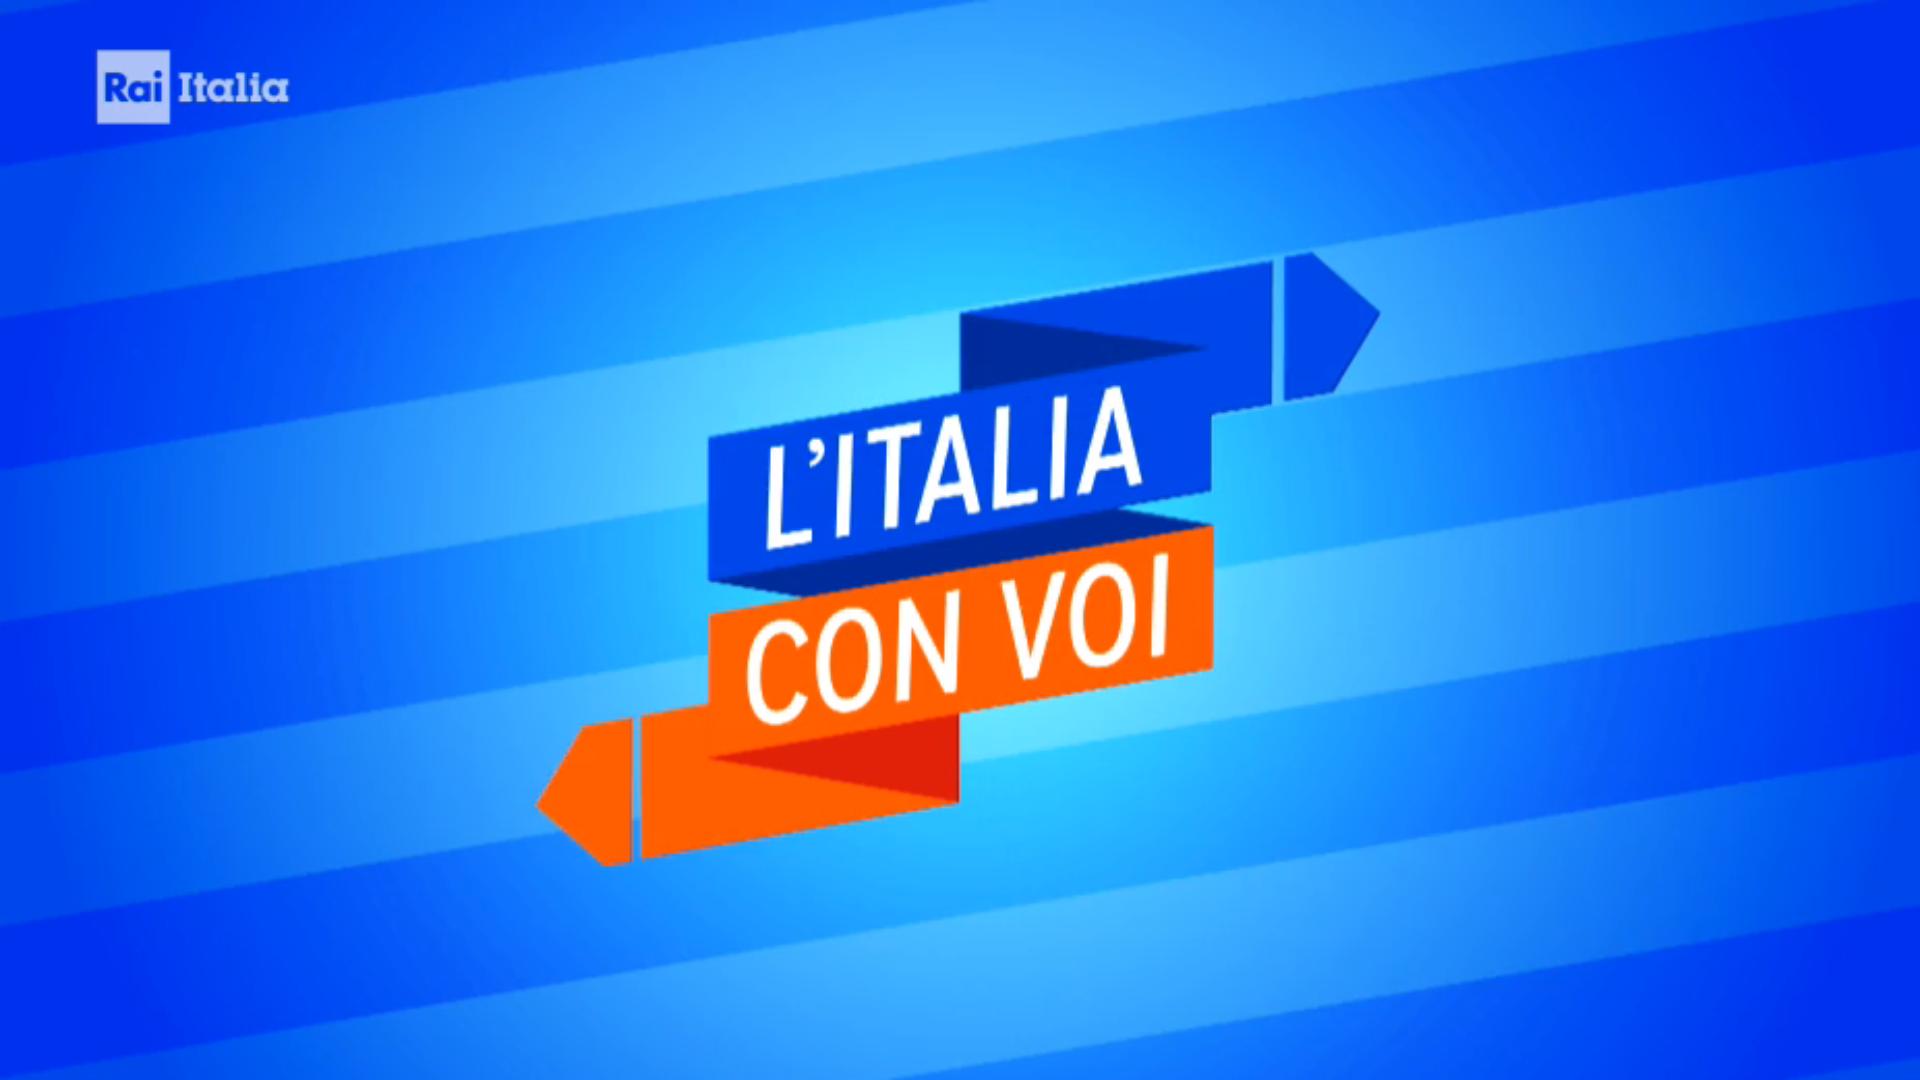 http://Alberto%20Toso%20Fei%20a%20L'Italia%20con%20Voi